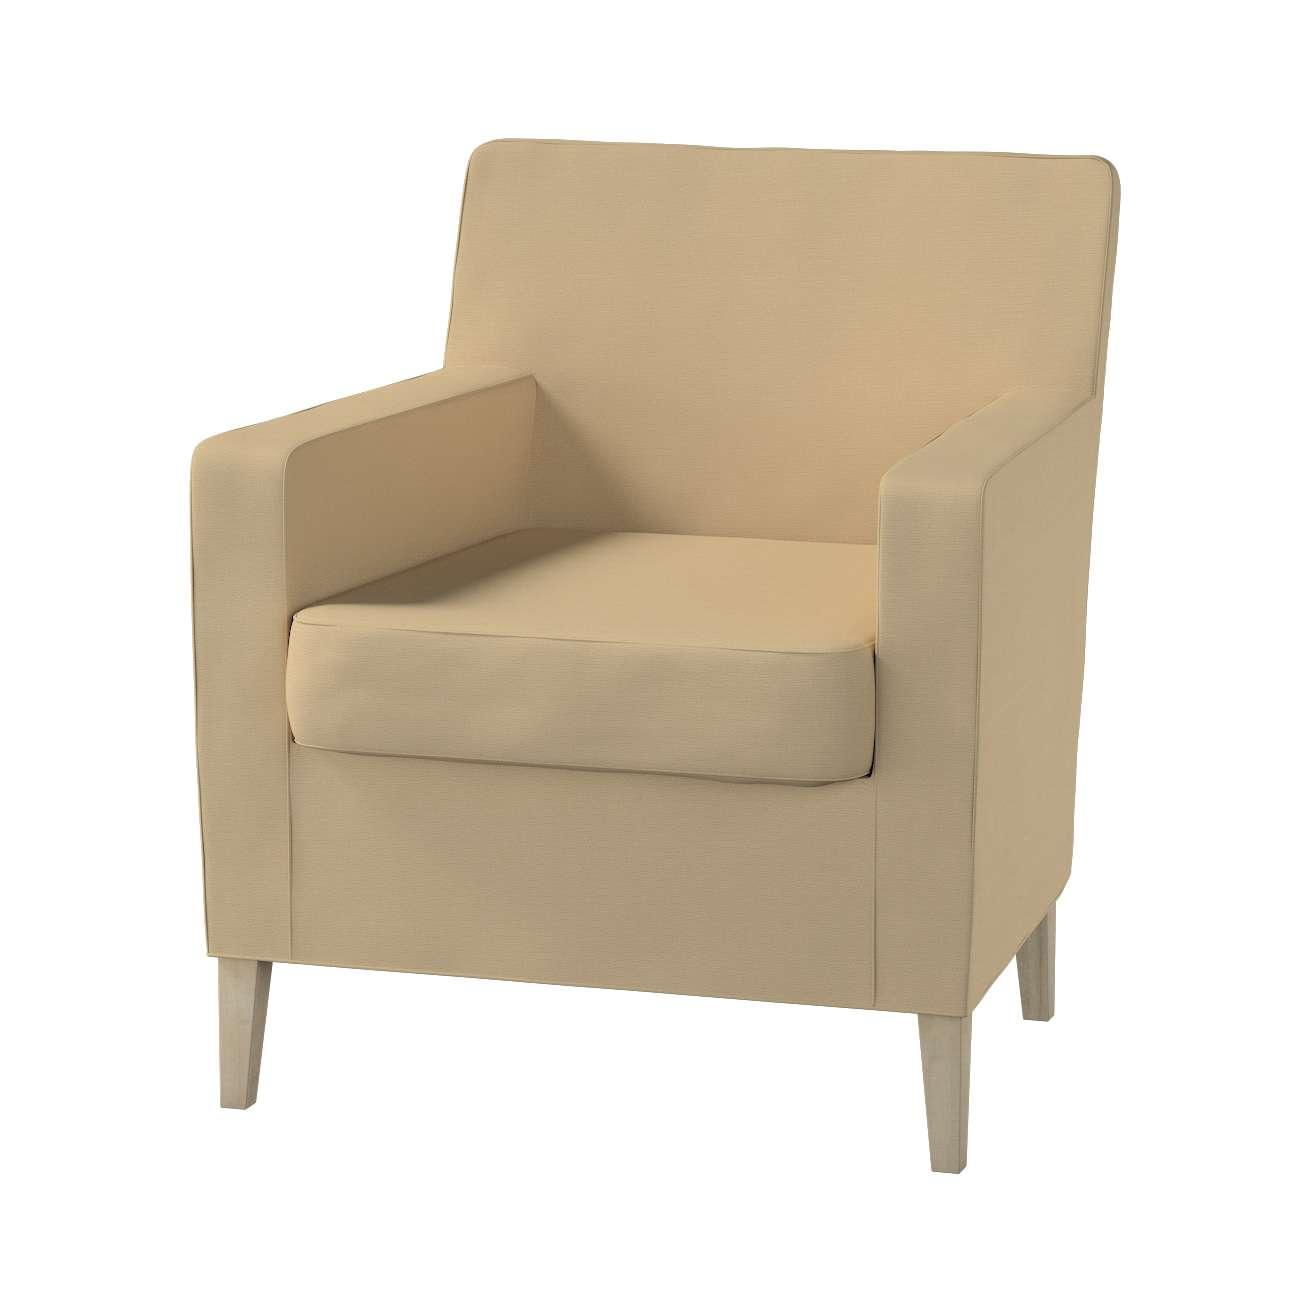 Karlstad fotelio-kėdės užvalkalas Karlstad fotelio - kėdės užvalkalas kolekcijoje Cotton Panama, audinys: 702-01